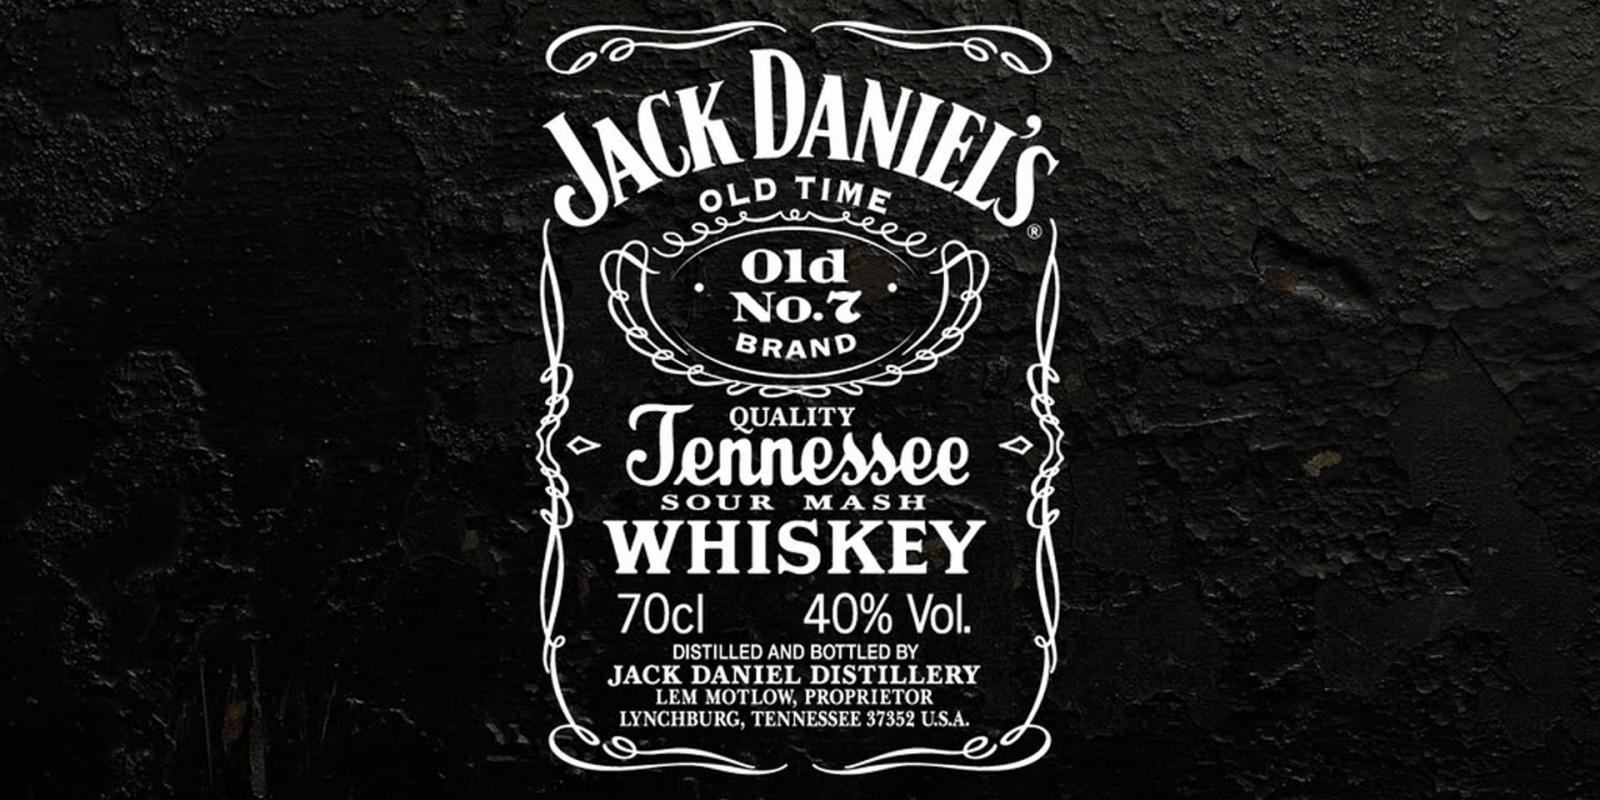 Image décrivant le produit Jack Daniel's qui fait partie des Whiskies